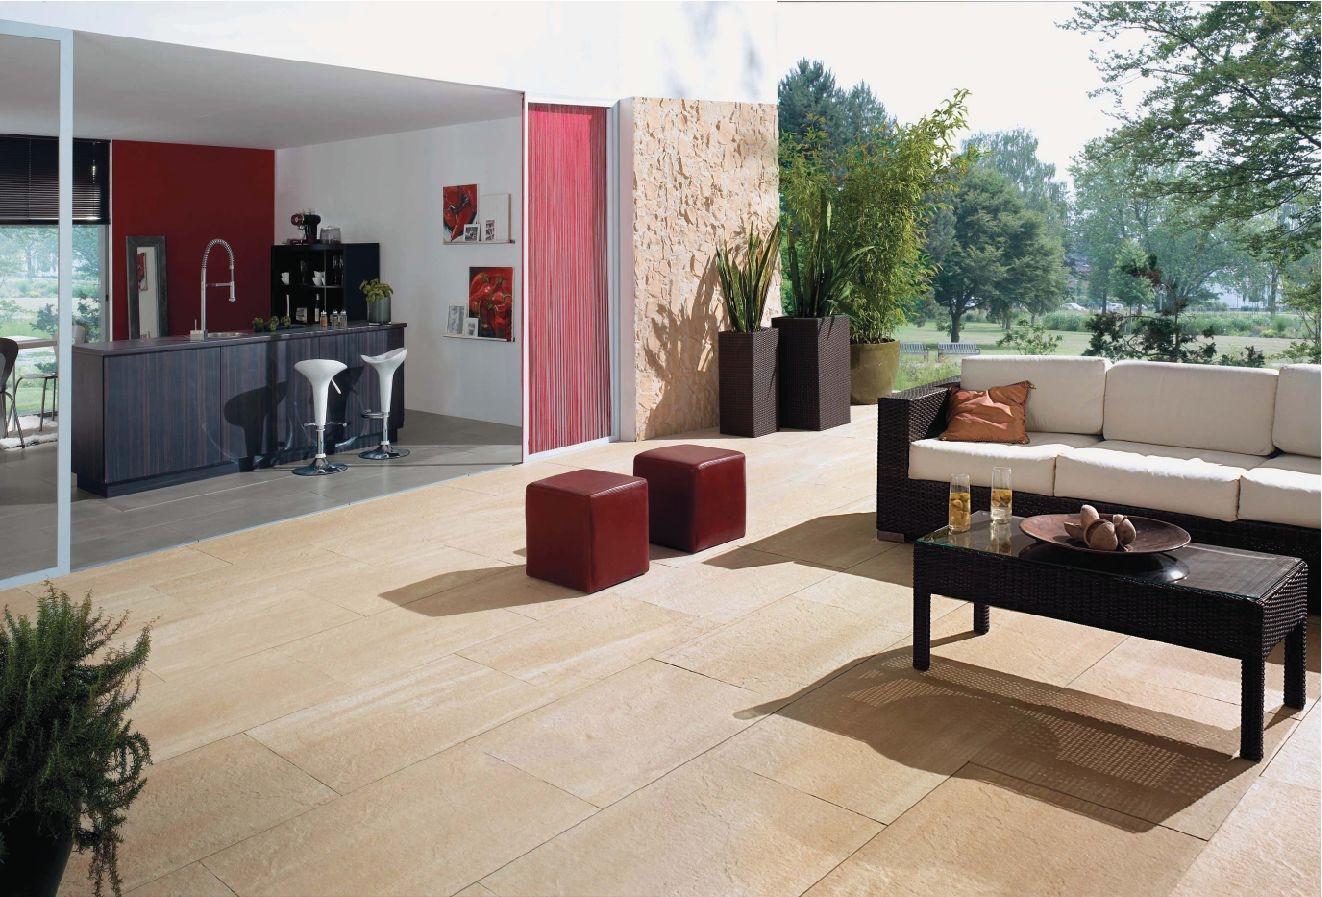 Piastrelle per esterni pavimenti per esterno for Piastrelle esterni